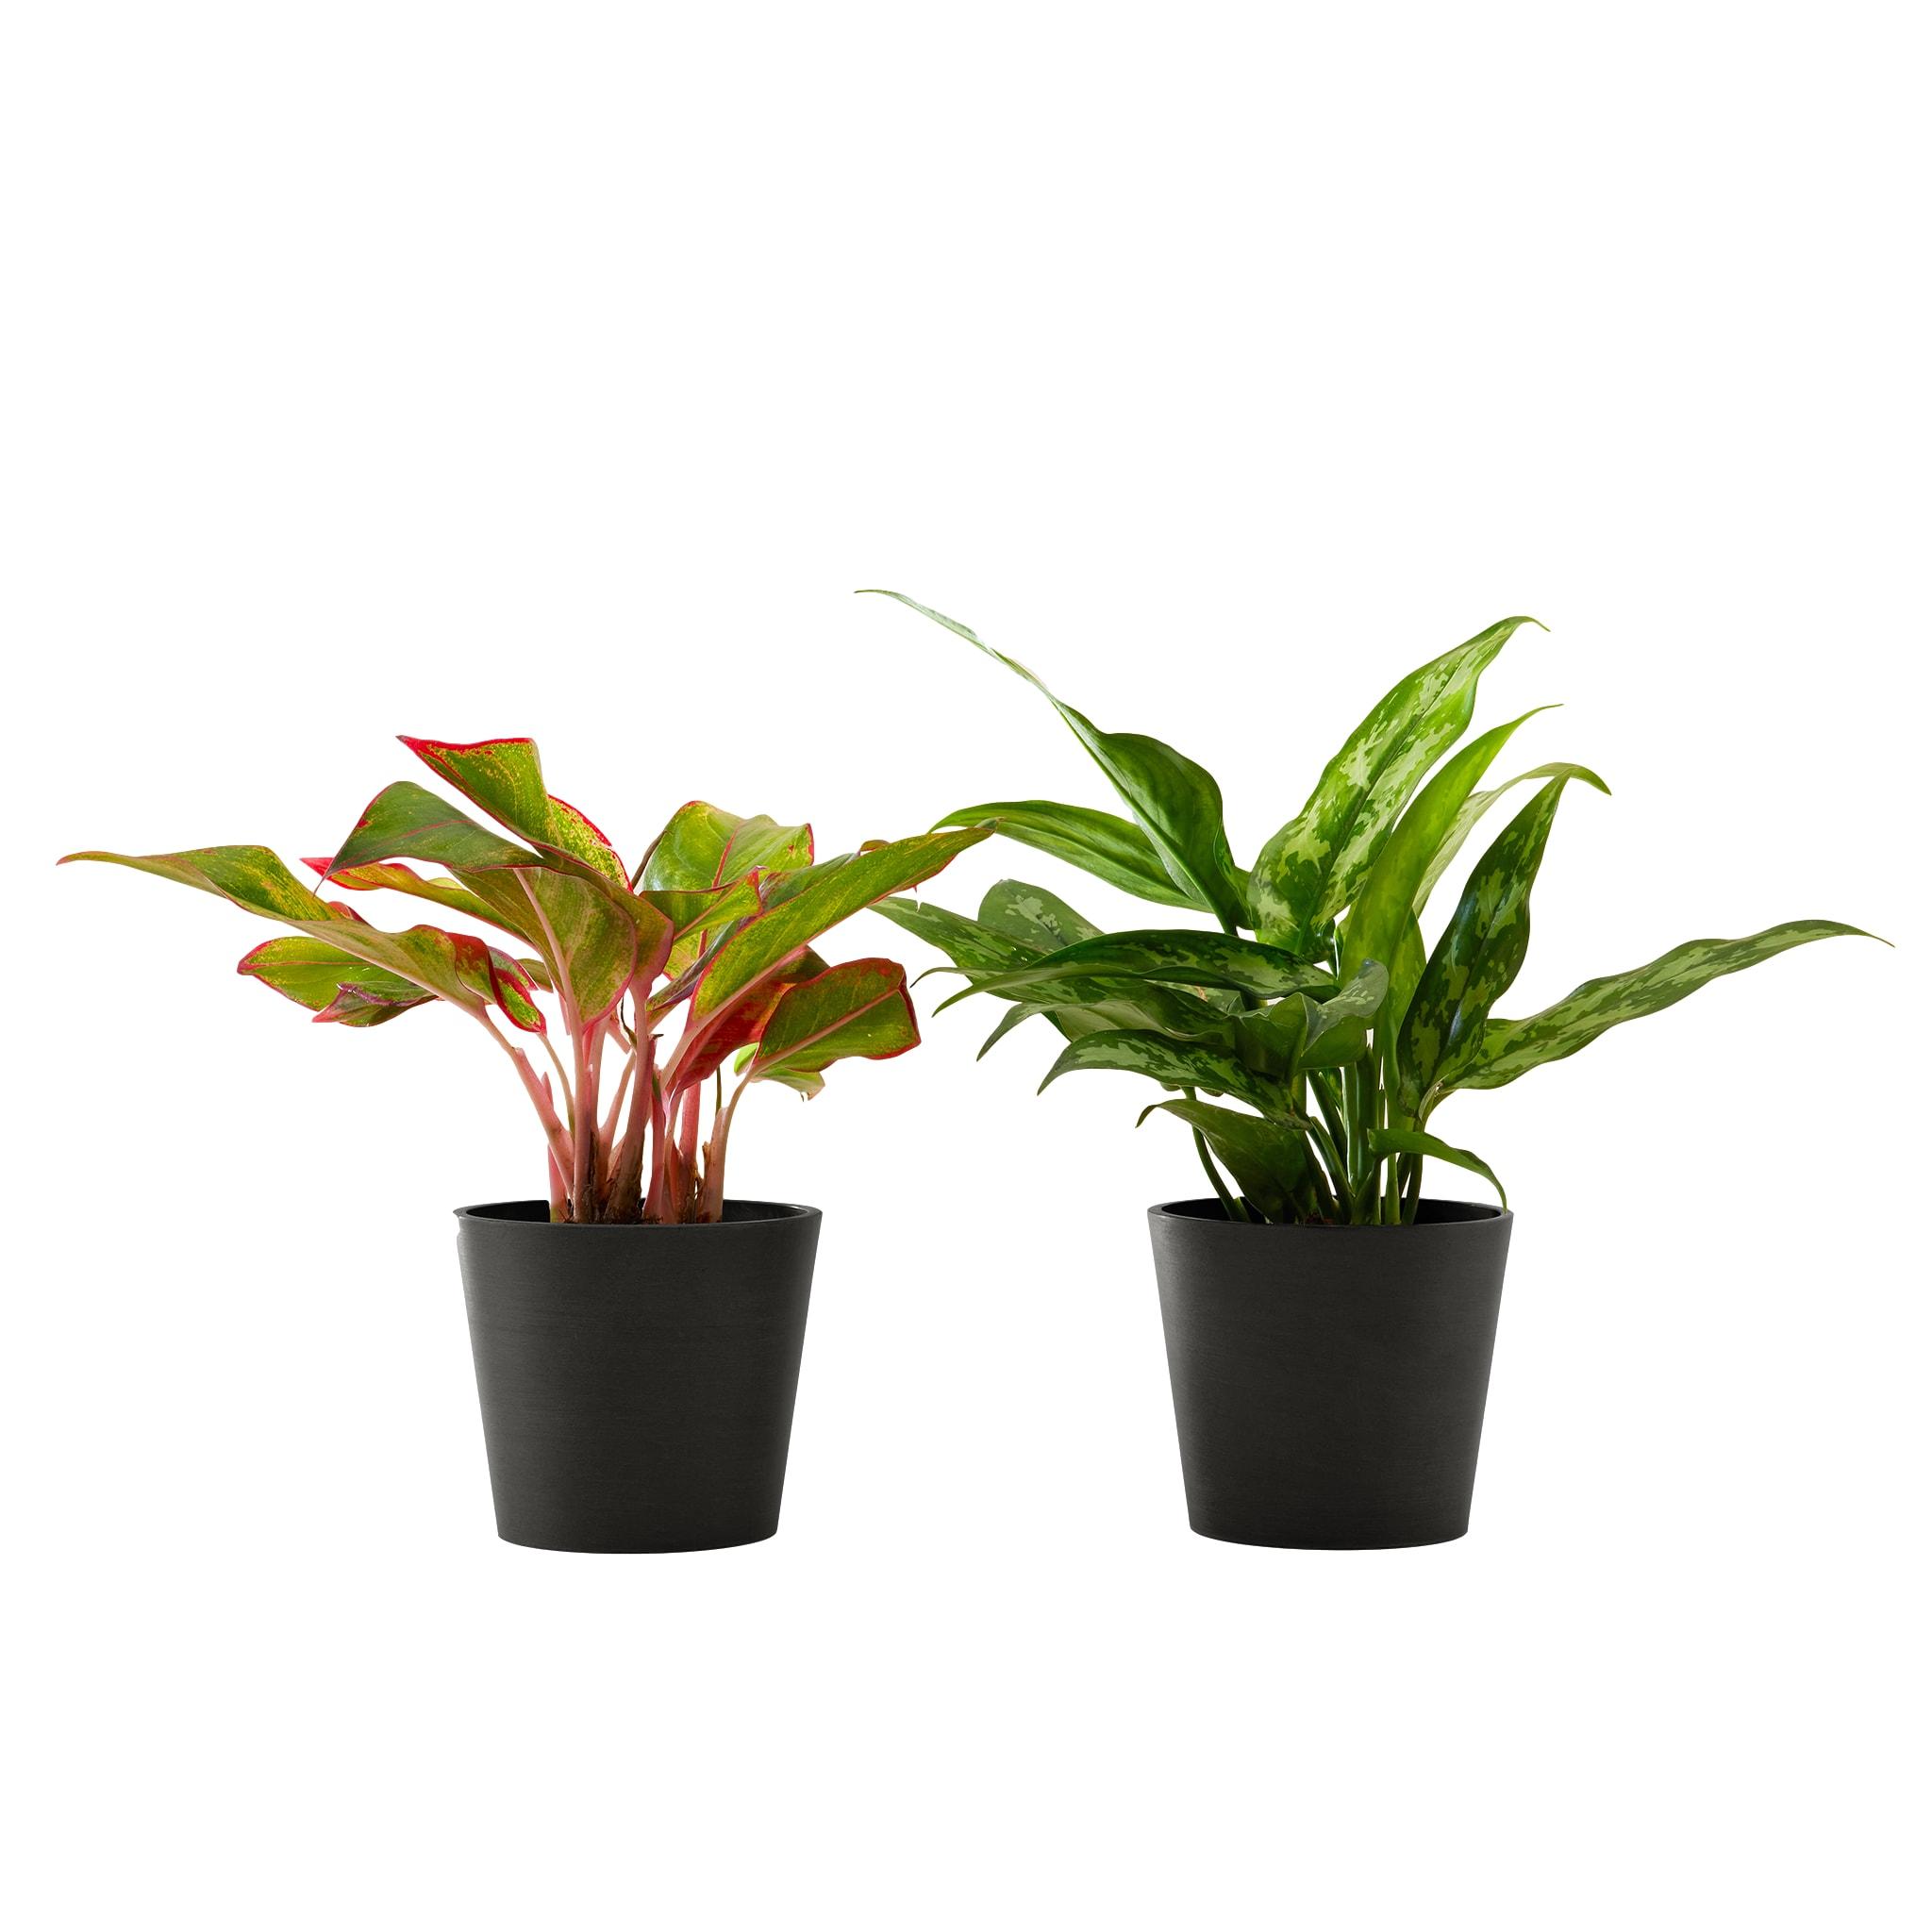 Plante d'intérieur - Duo d'aglaonema 25 cm en pot noir